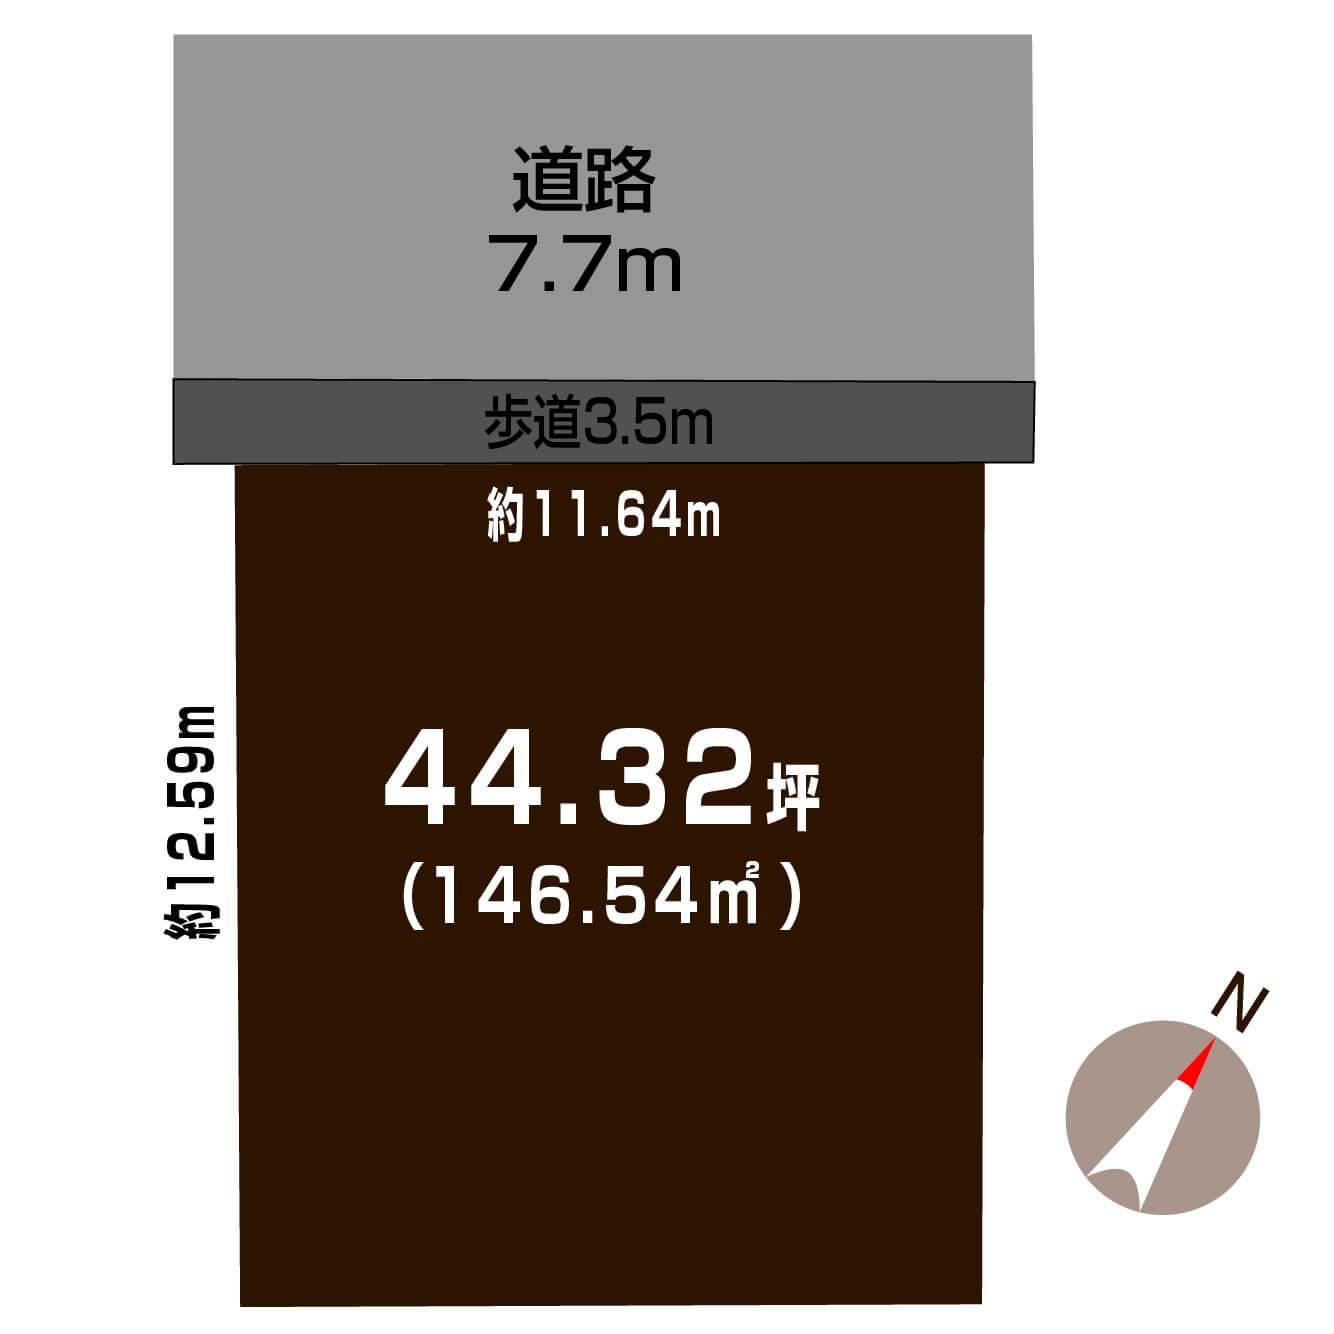 新潟県新潟市東区 新岡山2丁目の区画図